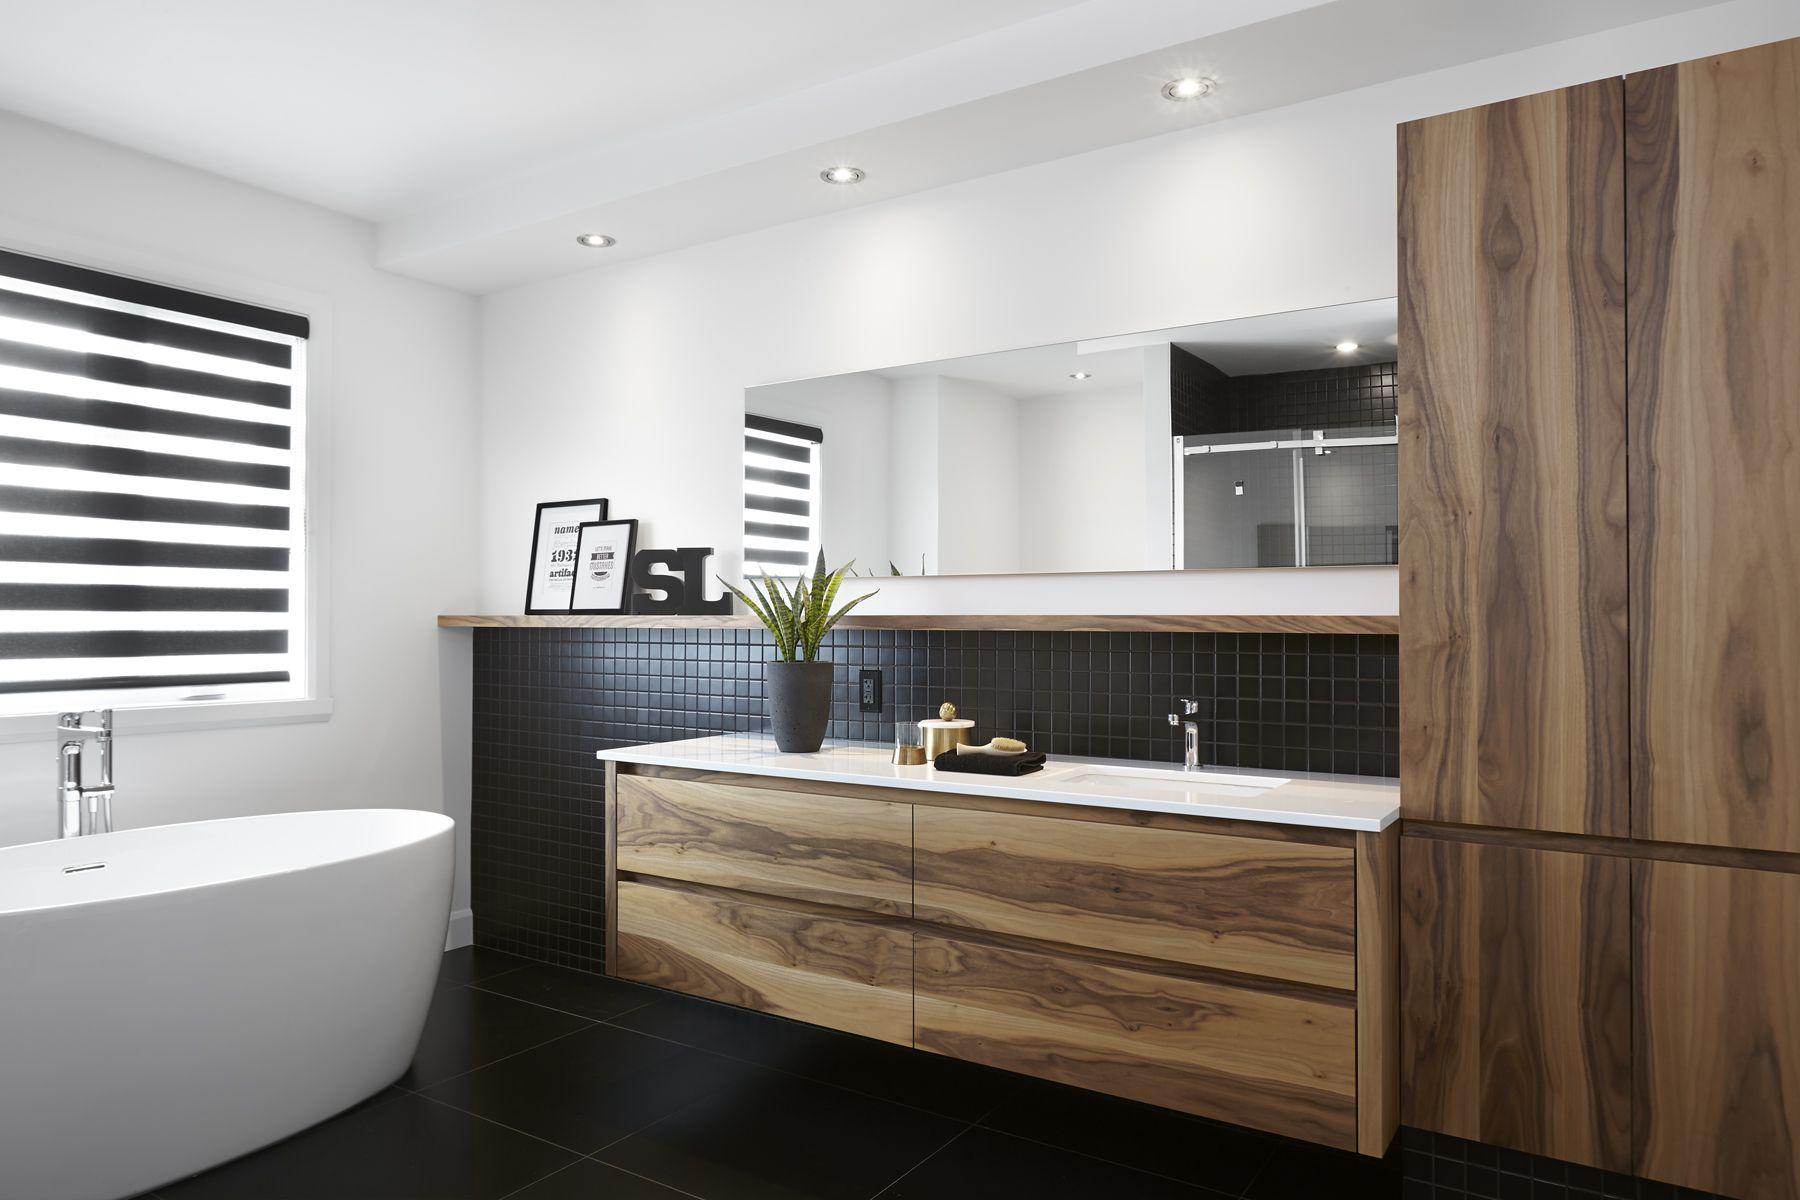 Salle de bain sign e gonthier cuisines et salles de bains salles de bains contemporaines en - Gonthier cuisine et salle de bain ...